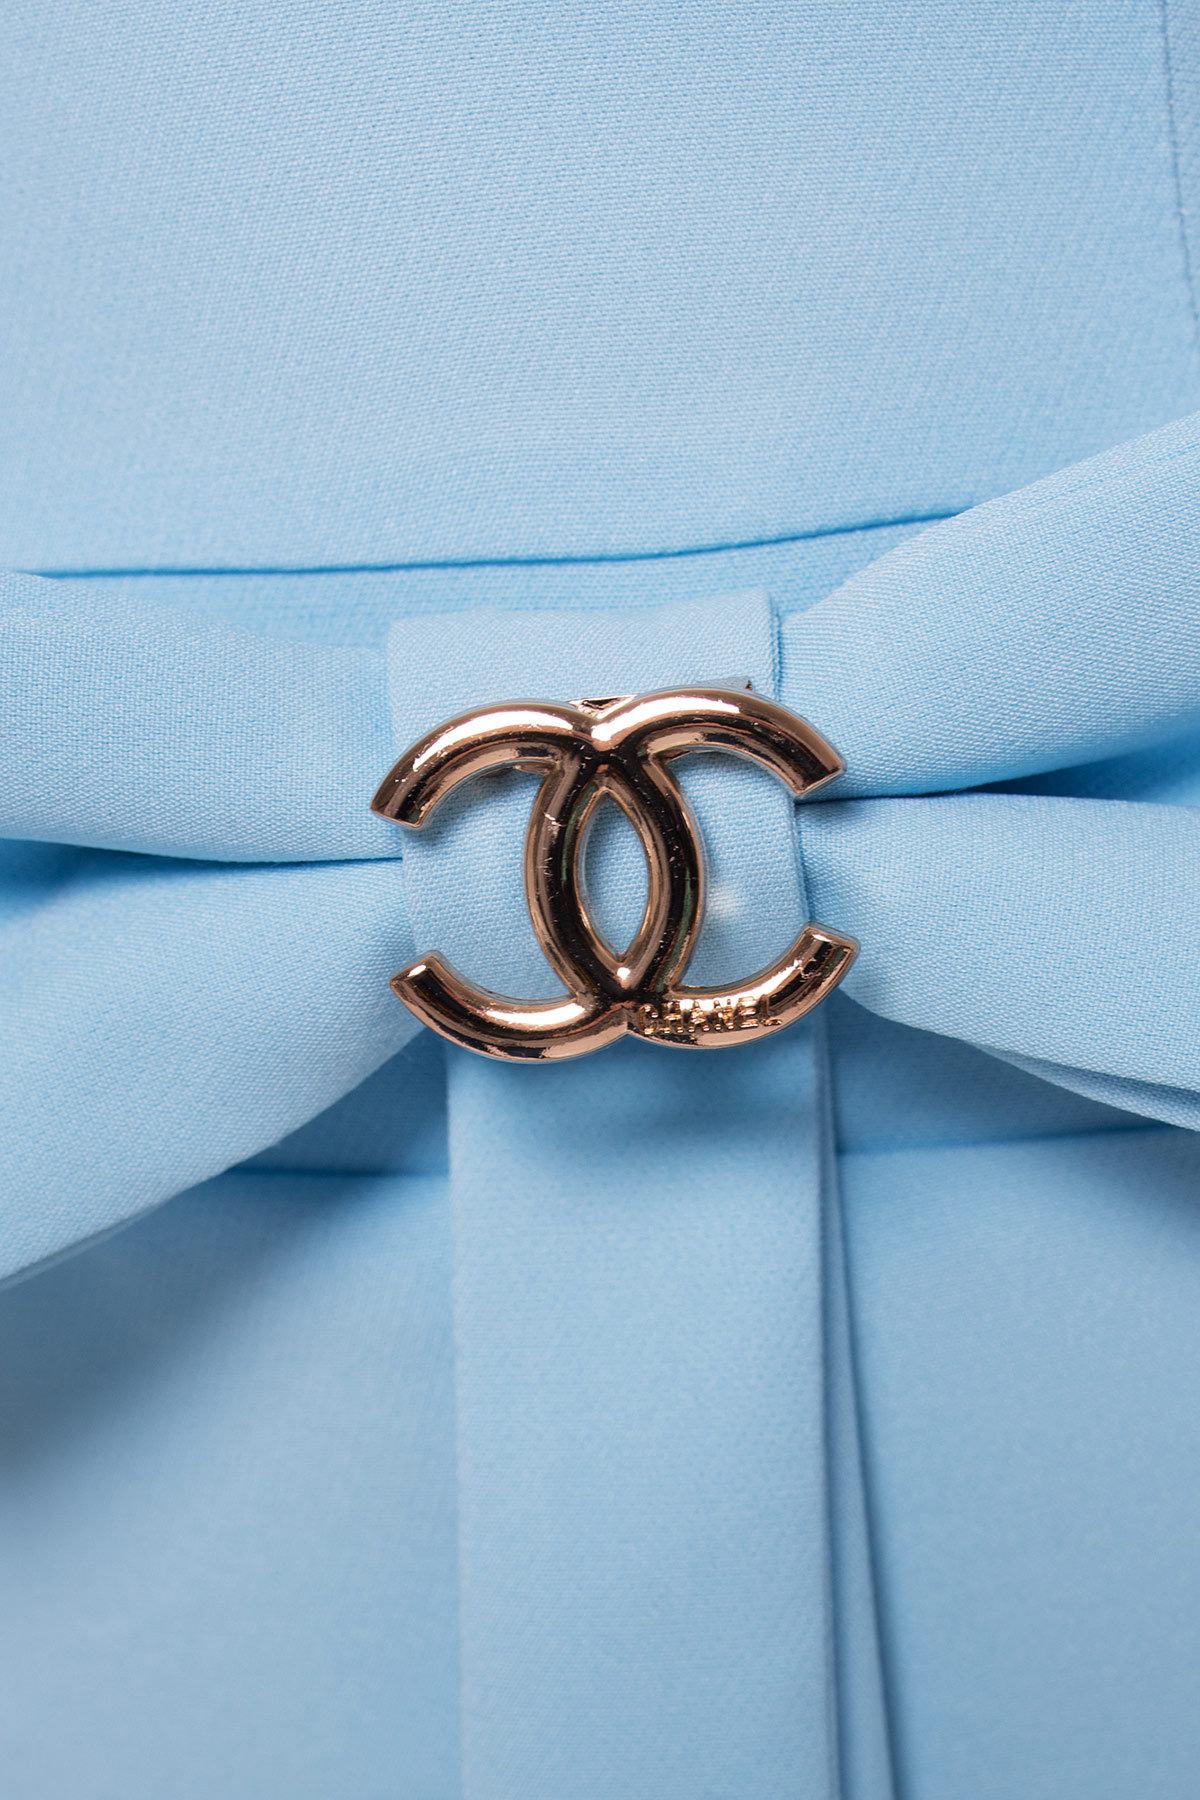 Платье Жаде 131 АРТ. 14955 Цвет: Голубой - фото 3, интернет магазин tm-modus.ru